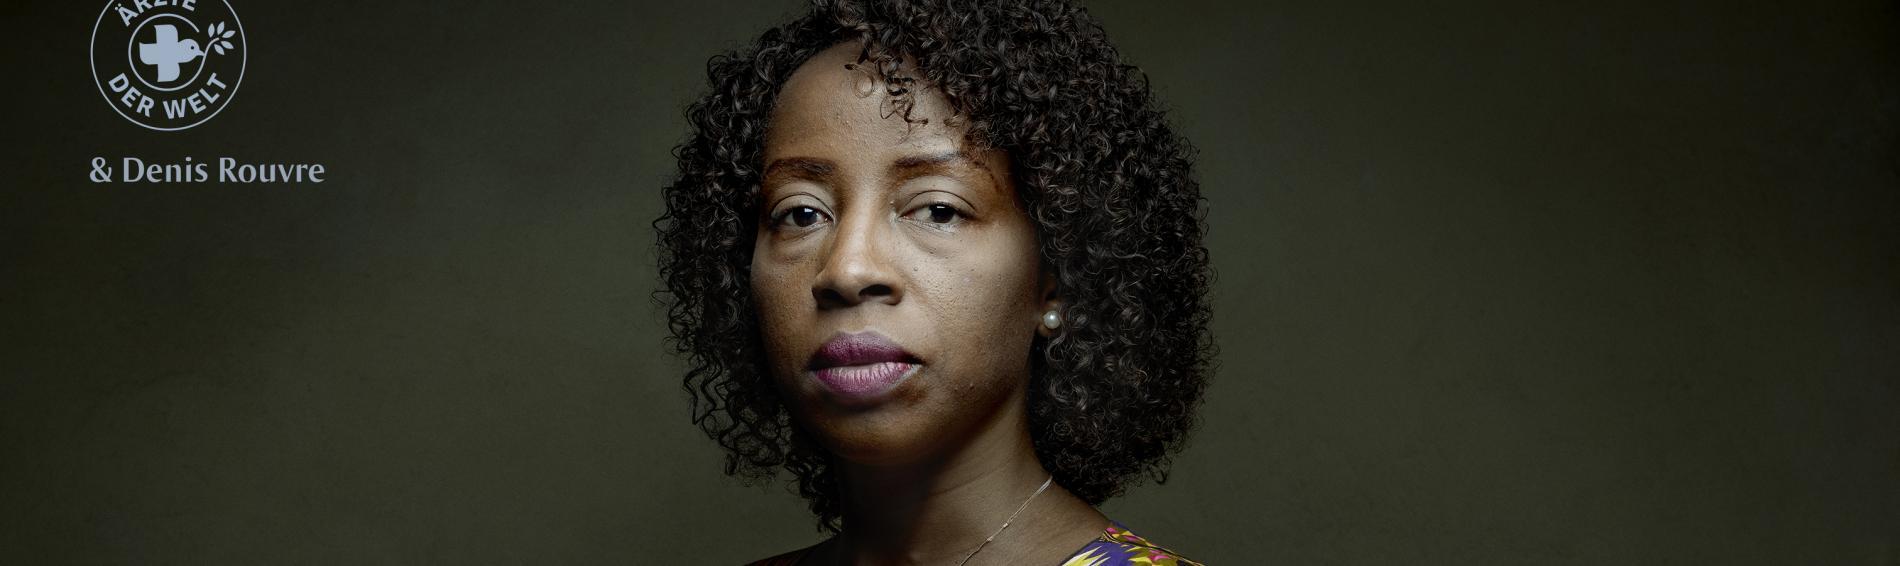 """""""Auch wenn wir den Krieg erlebt haben und wie Frauen vor den Augen ihrer Familie vergewaltigt worden sind, geben wir weiterhin den Frauen die Schuld."""" Kongolesische Aktivistin Annie Tenga Modi"""